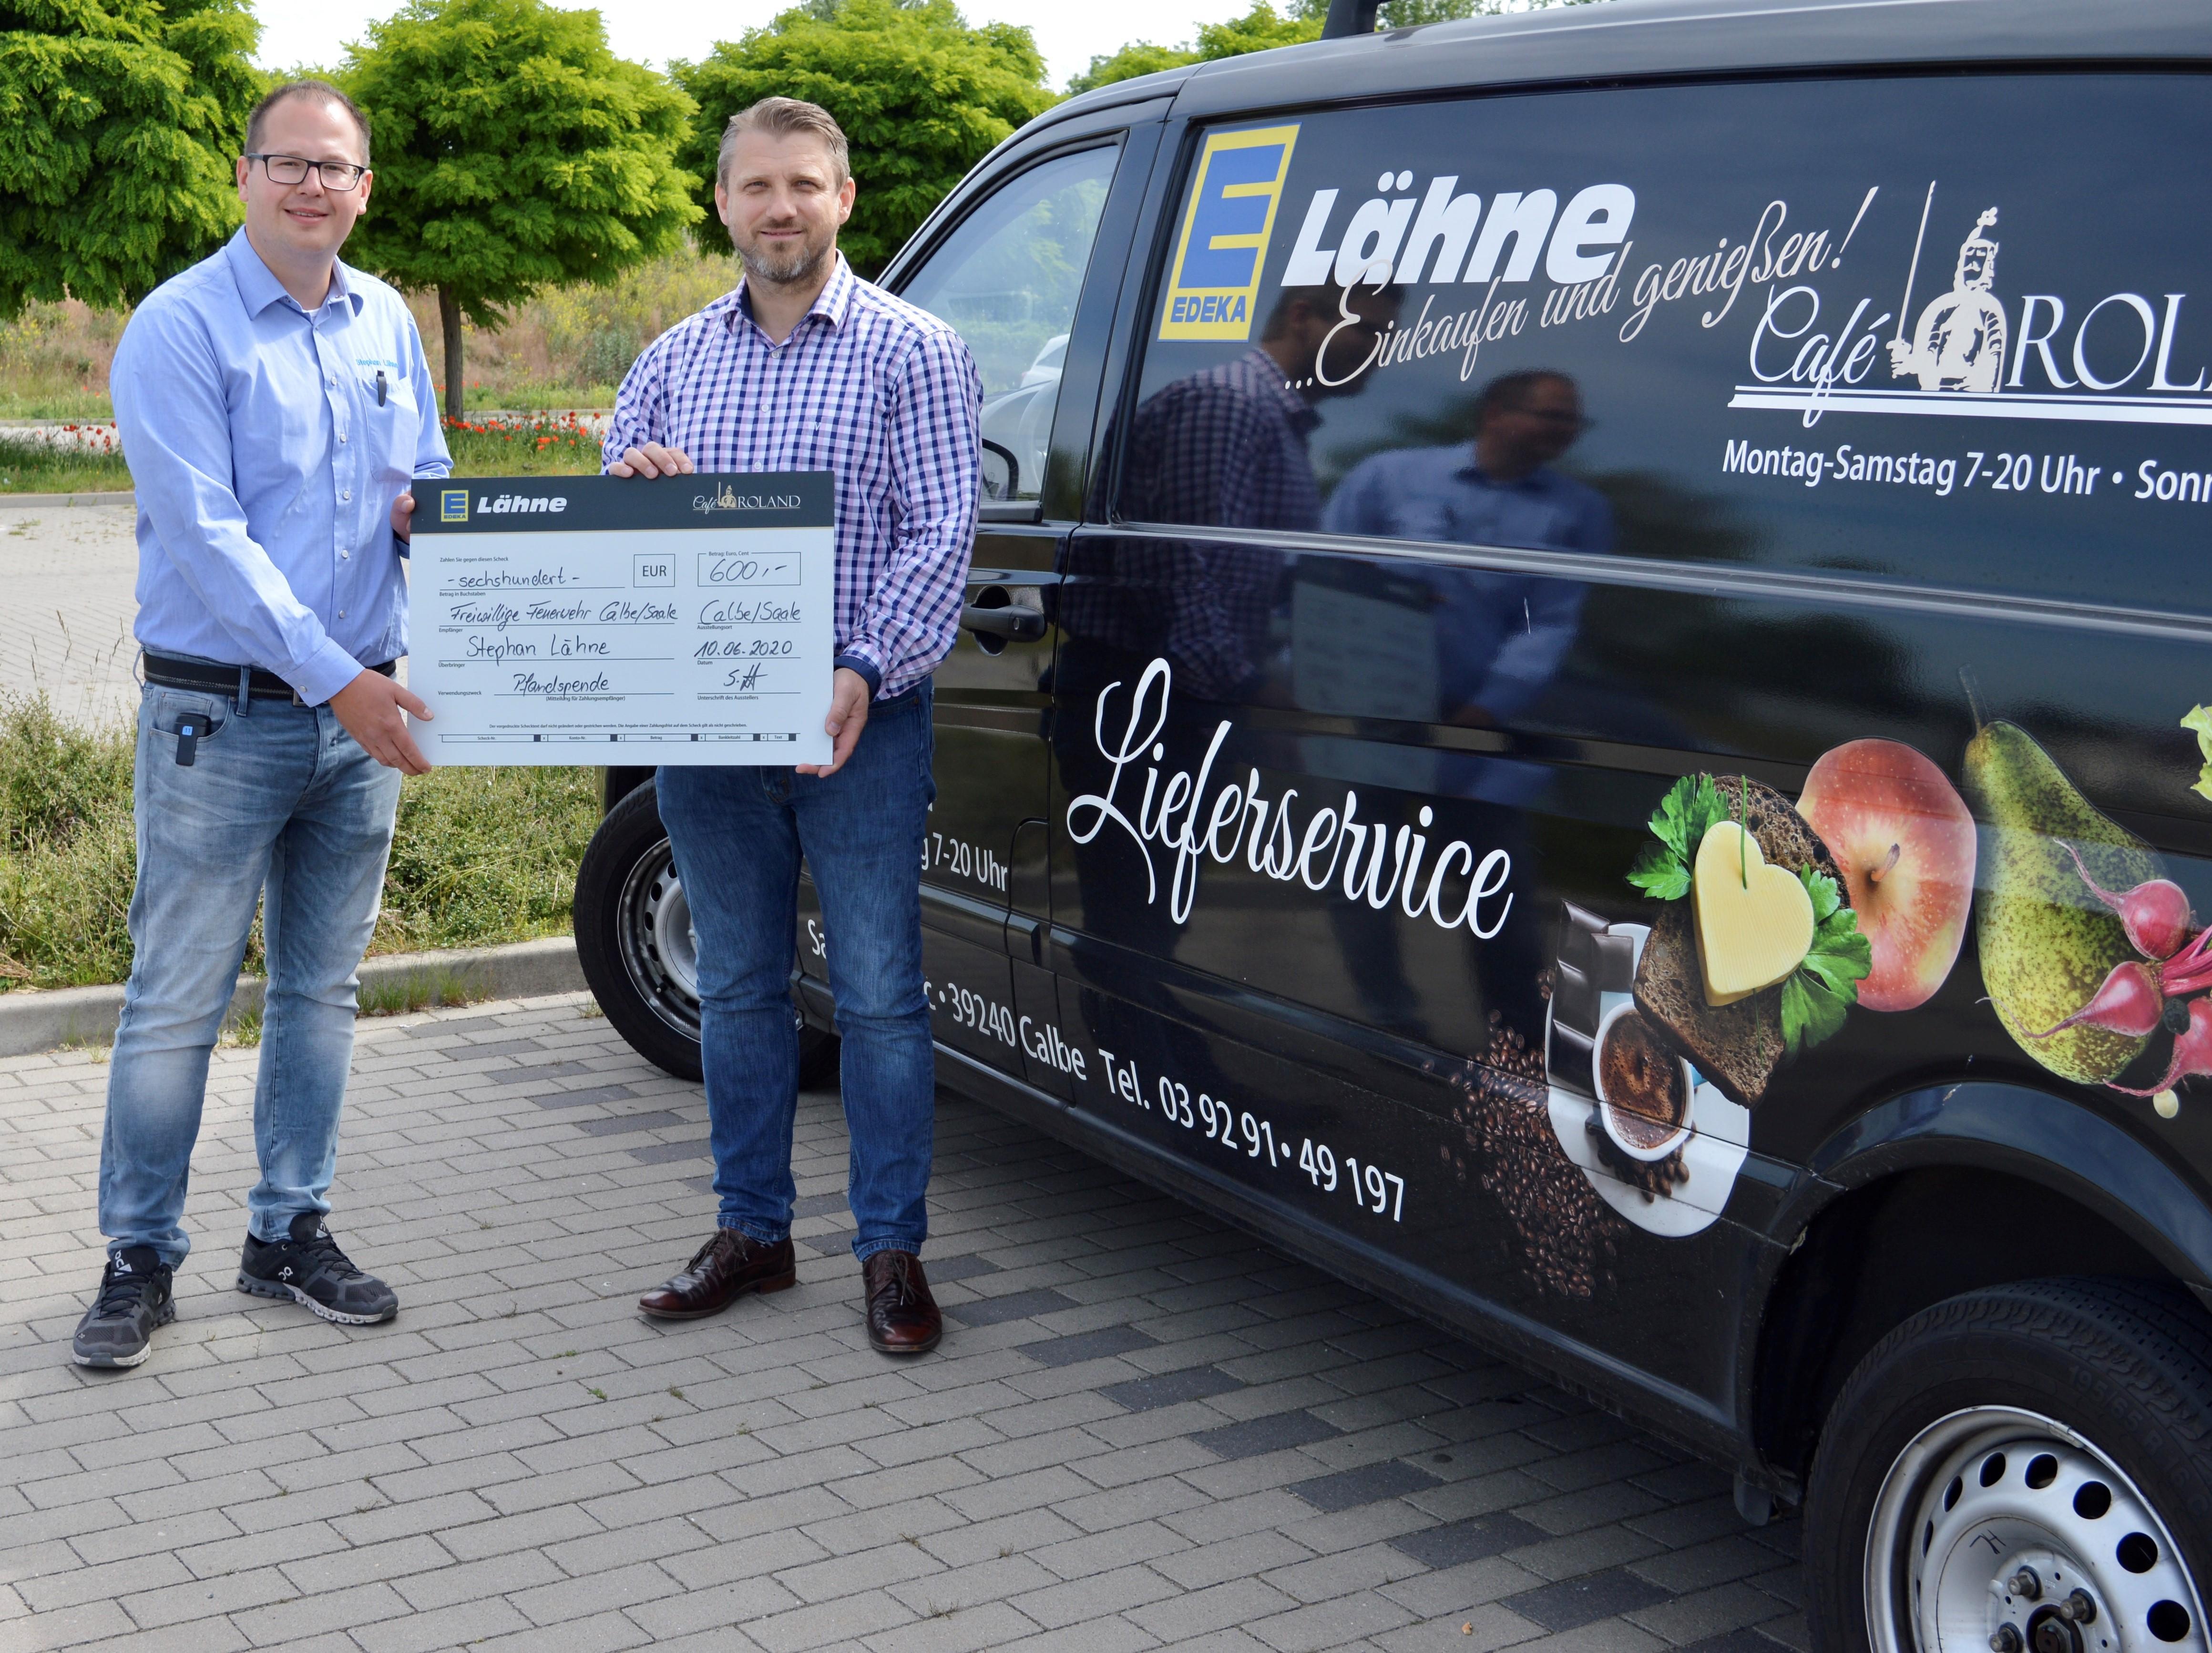 Stephan Lähne, Marktinhaber des EDEKA-Marktes in Calbe und Bürgermeister Sven Hause bei der Übergabe der Spende und eines großen Schecks.